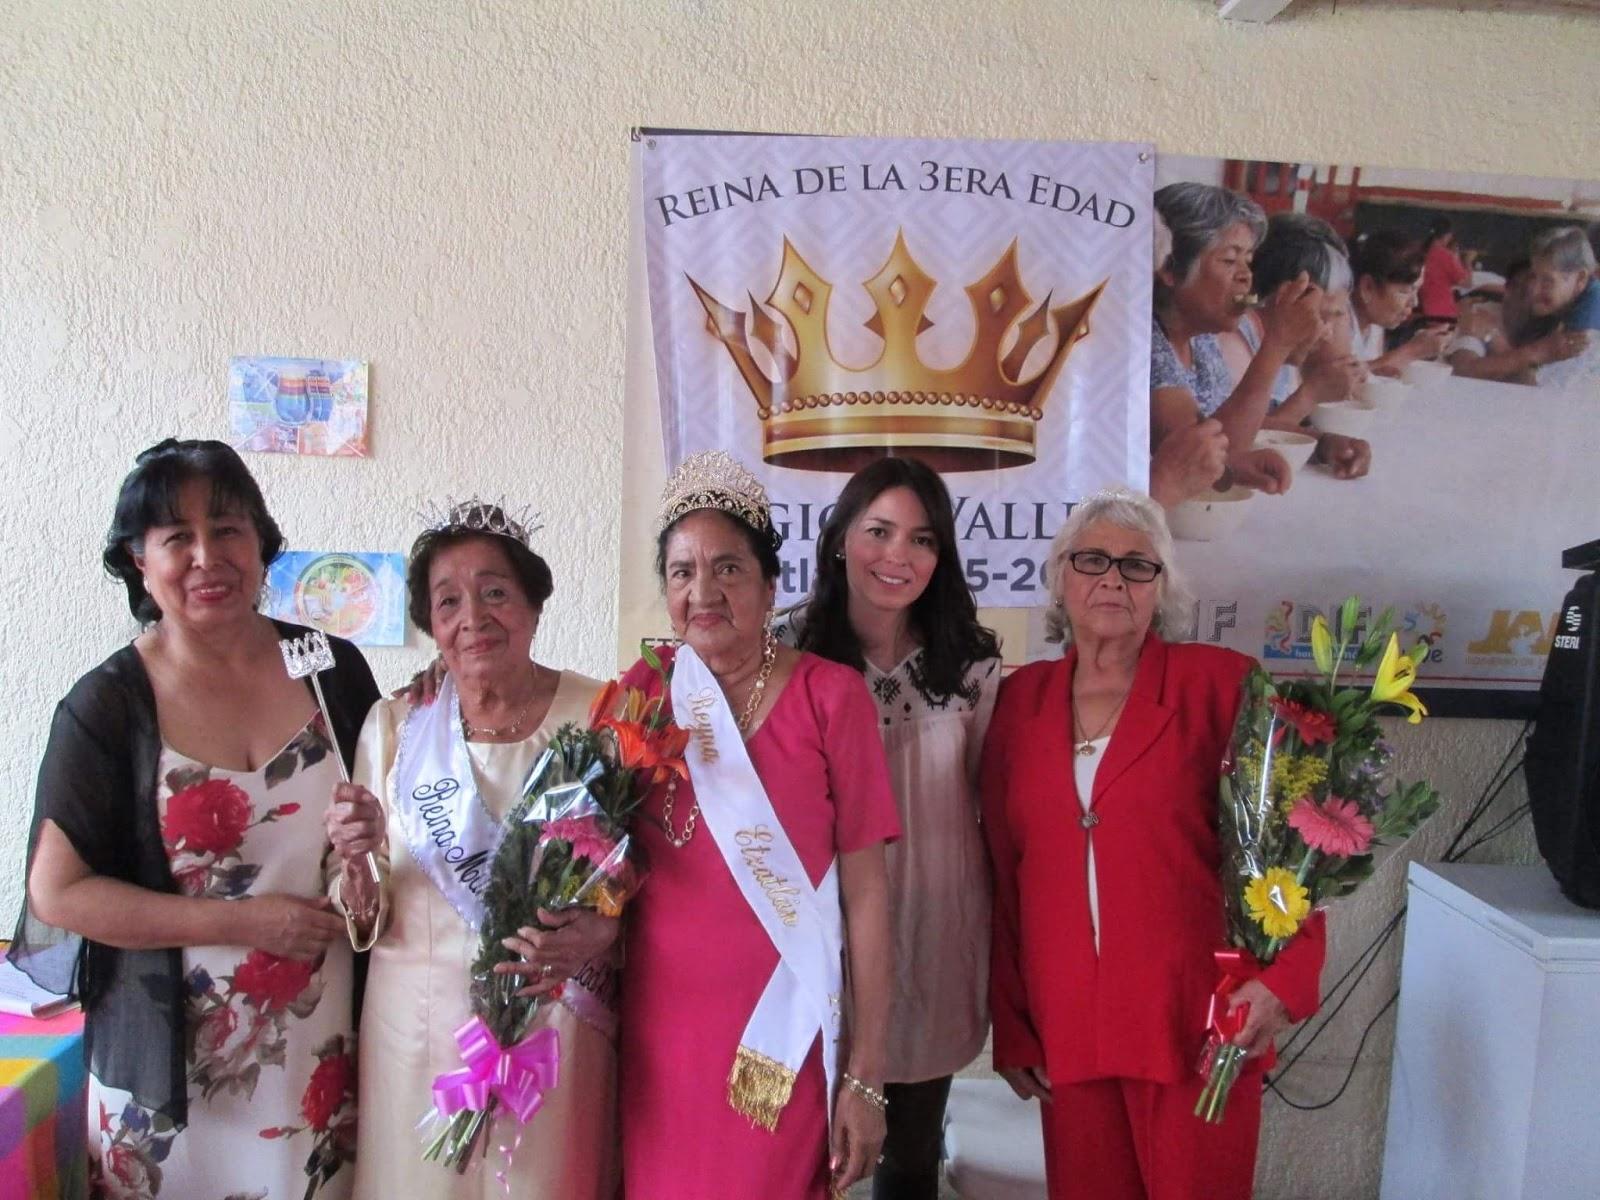 Blog De Información De Etzatlán: Blog De Información De Etzatlán: La Reina De La Tercera